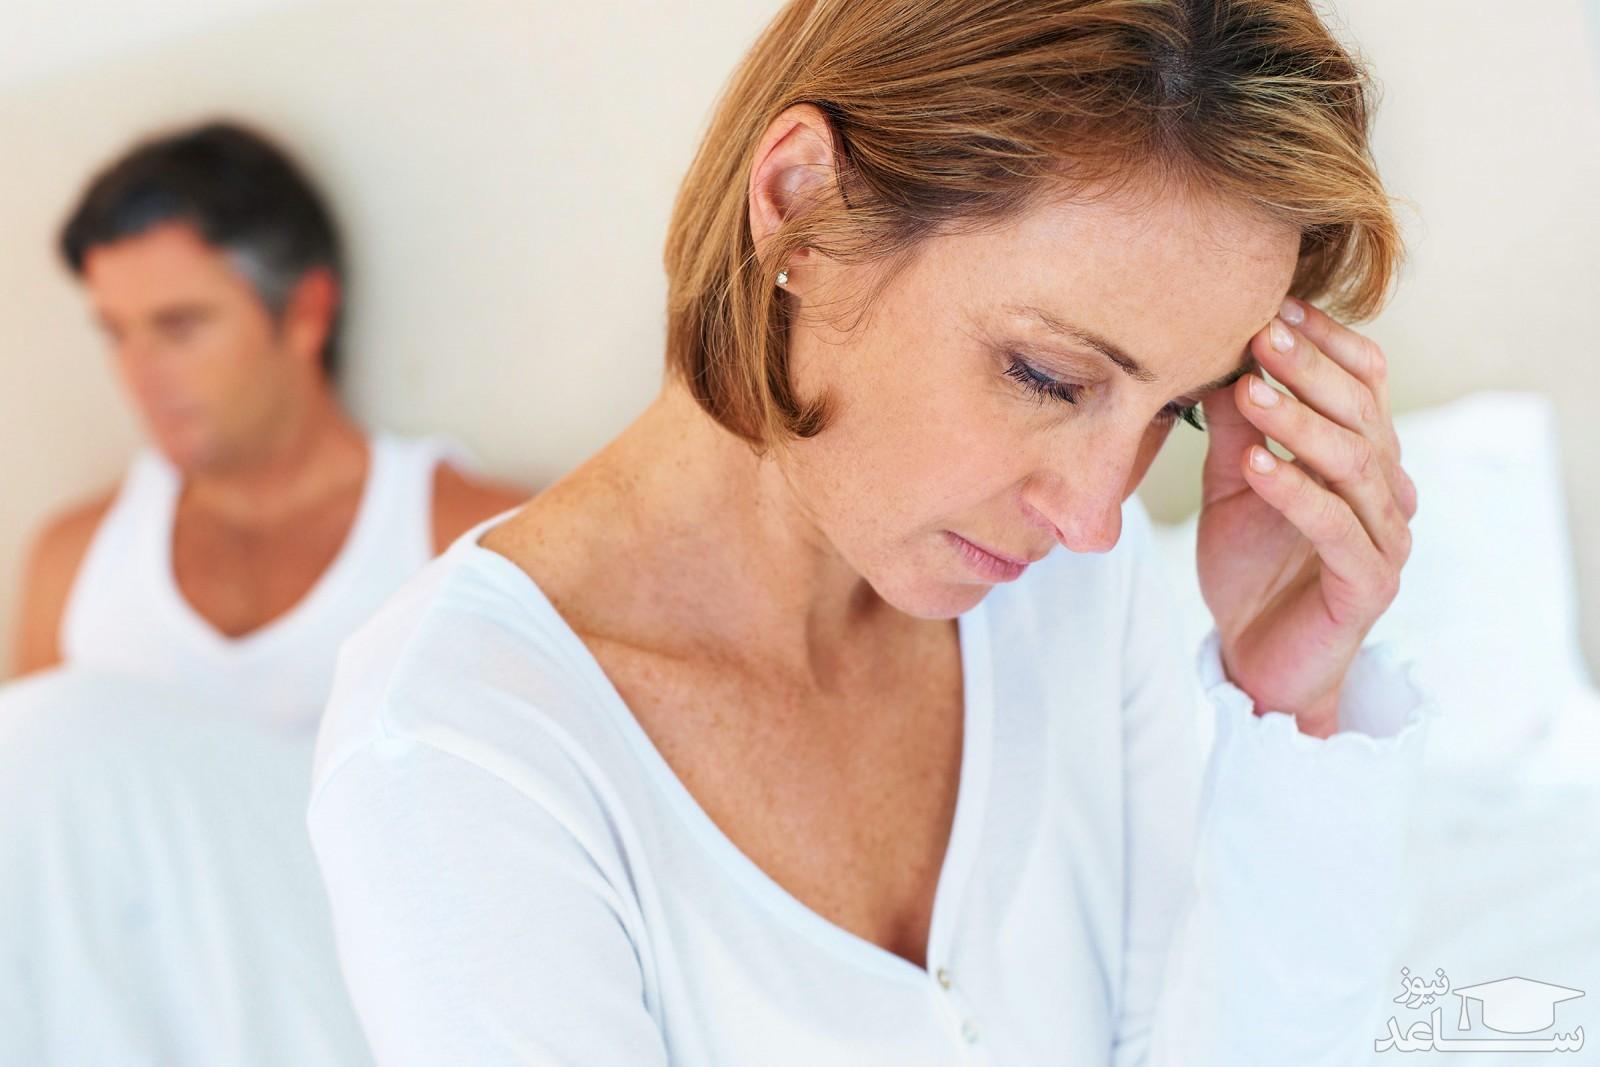 سرد مزاجی زنان چگونه درمان می شود؟